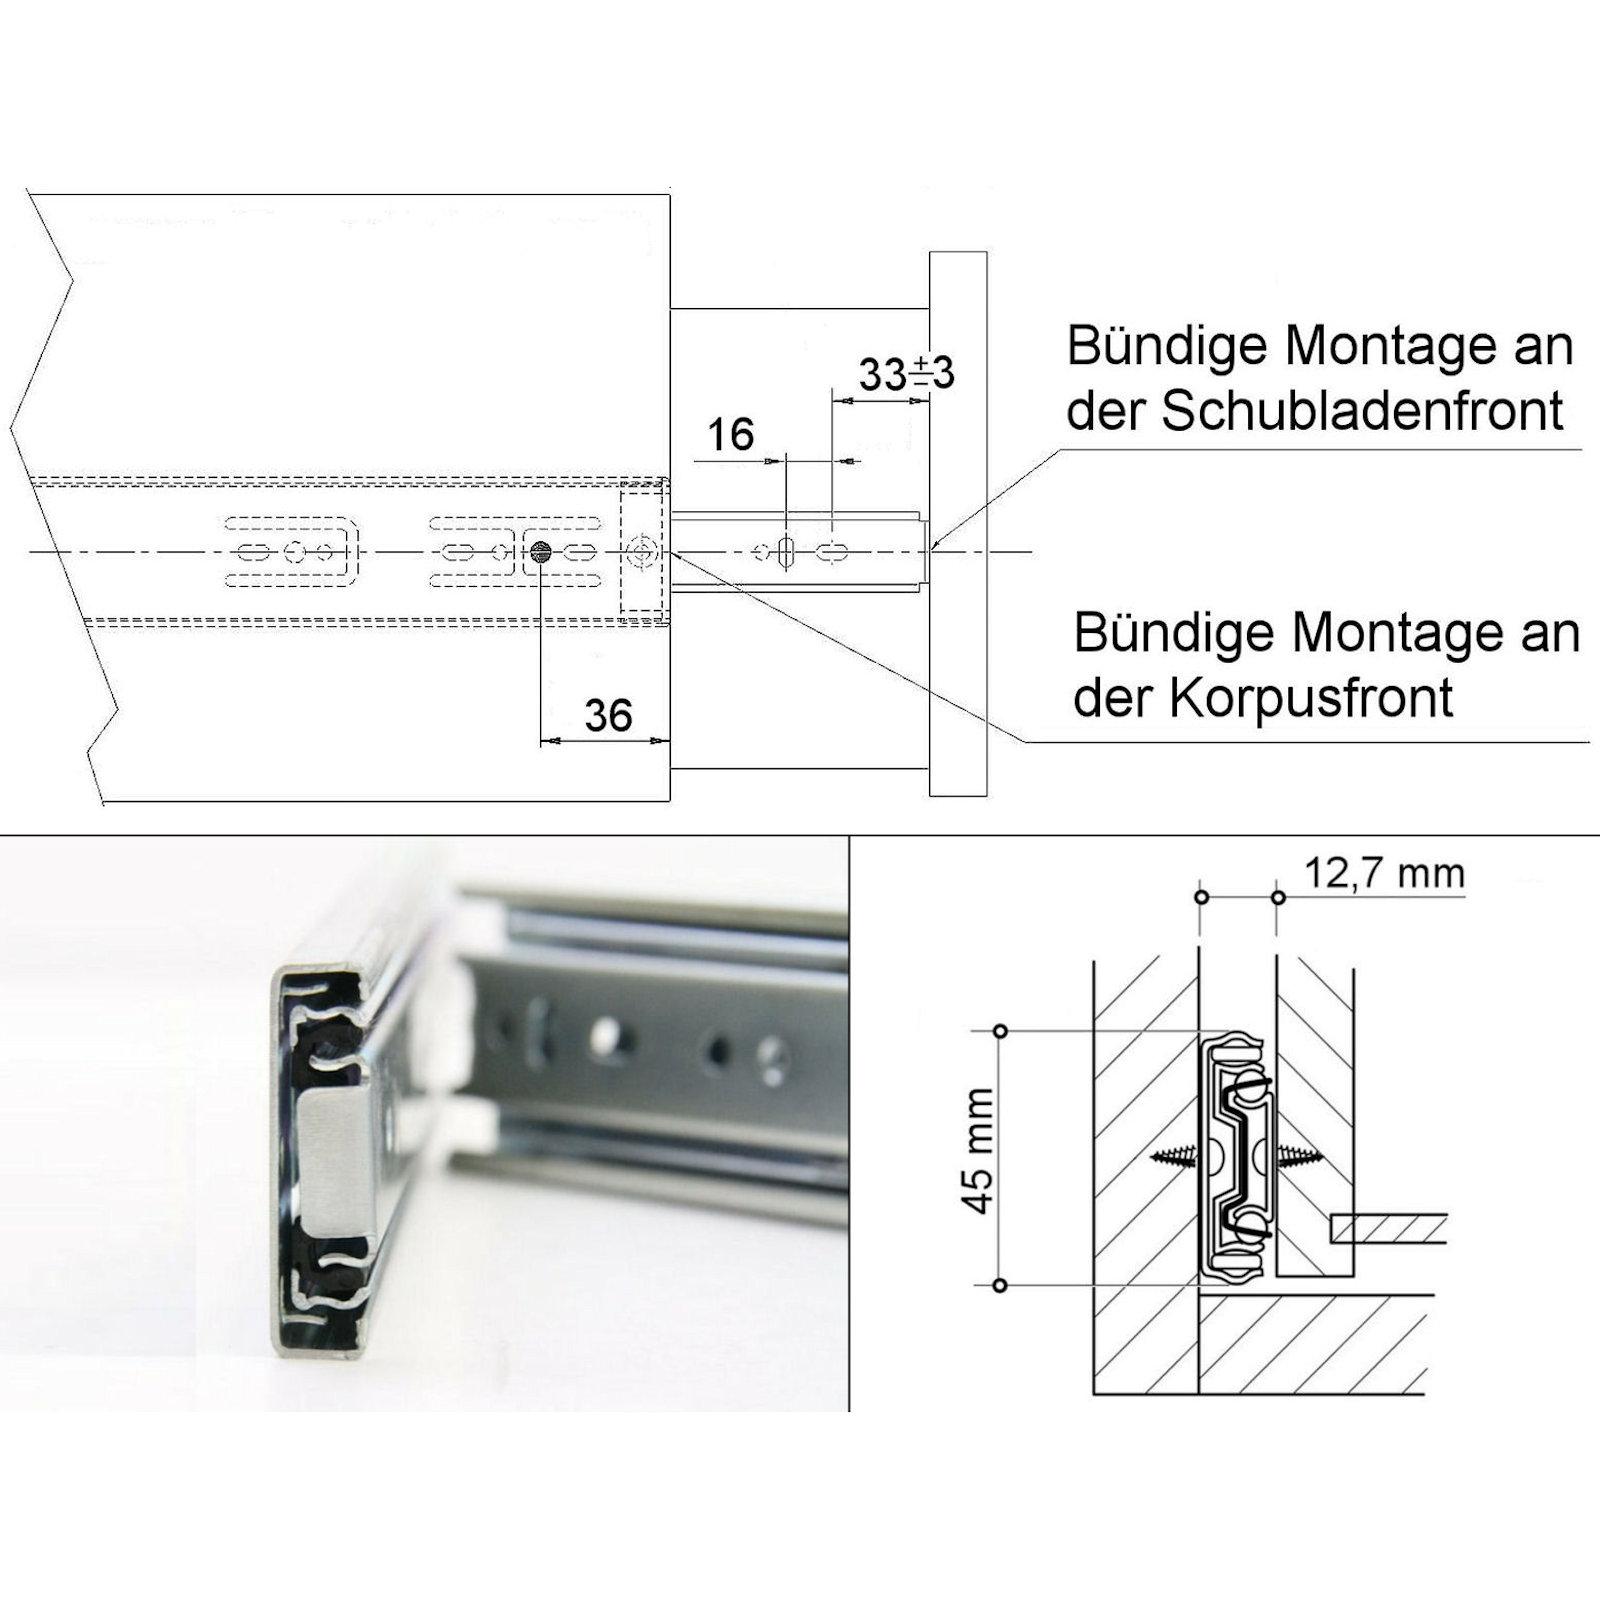 SO-TECH/® Vollausz/üge 250-750 mm mit 80 Kg Tragkraft Schubladenschiene Teleskopschiene 2 St/ück 1 Paar